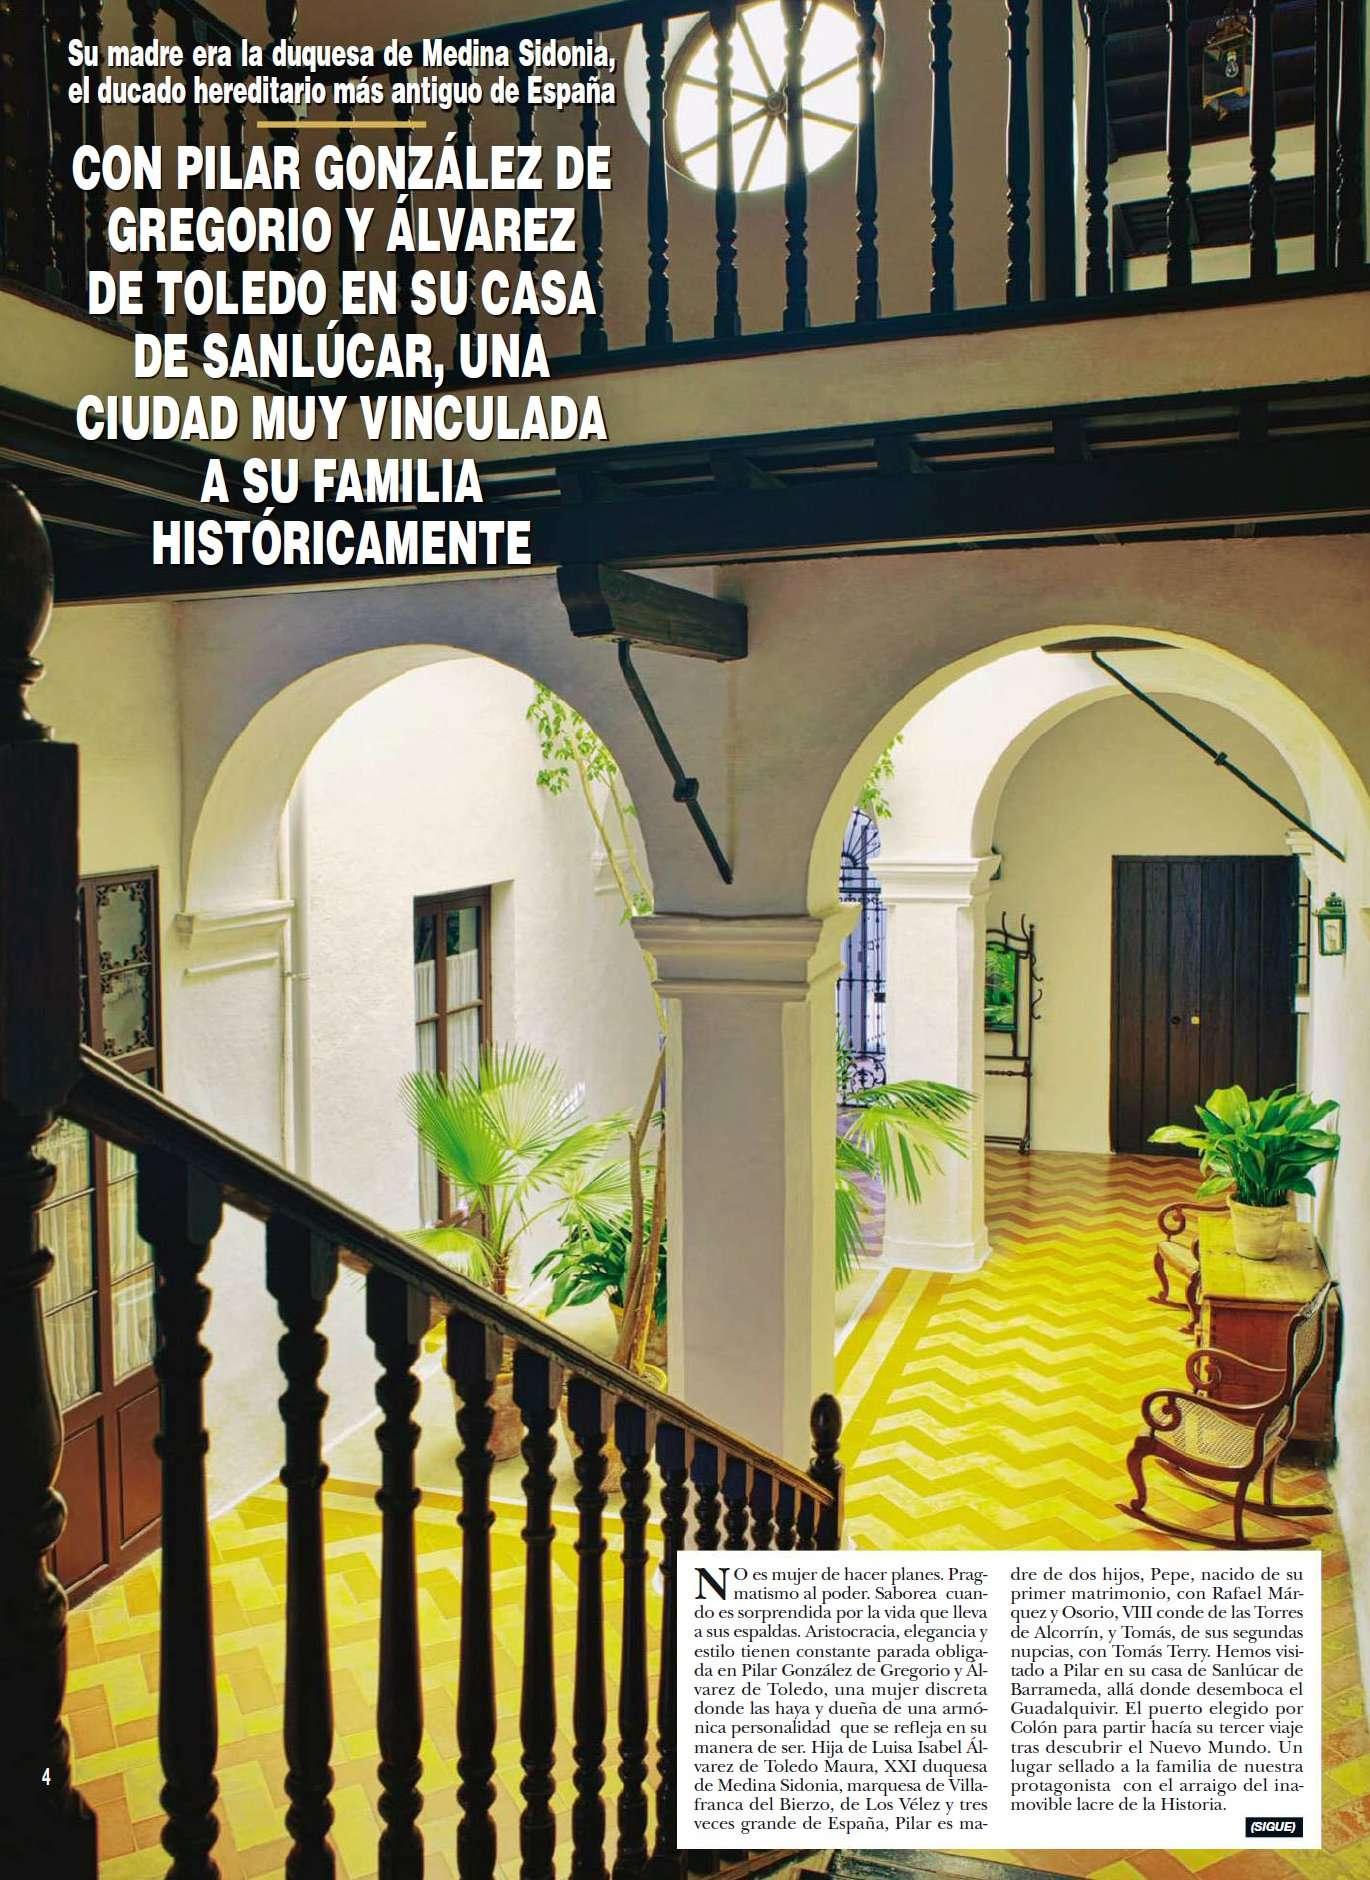 Muebles Miguel Medina Sidonia - Carta A Mi Madre La Duquesa Roja Page 4 Foro Loco[mjhdah]https://pbs.twimg.com/media/CGFqf2hVIAEcqsM.jpg